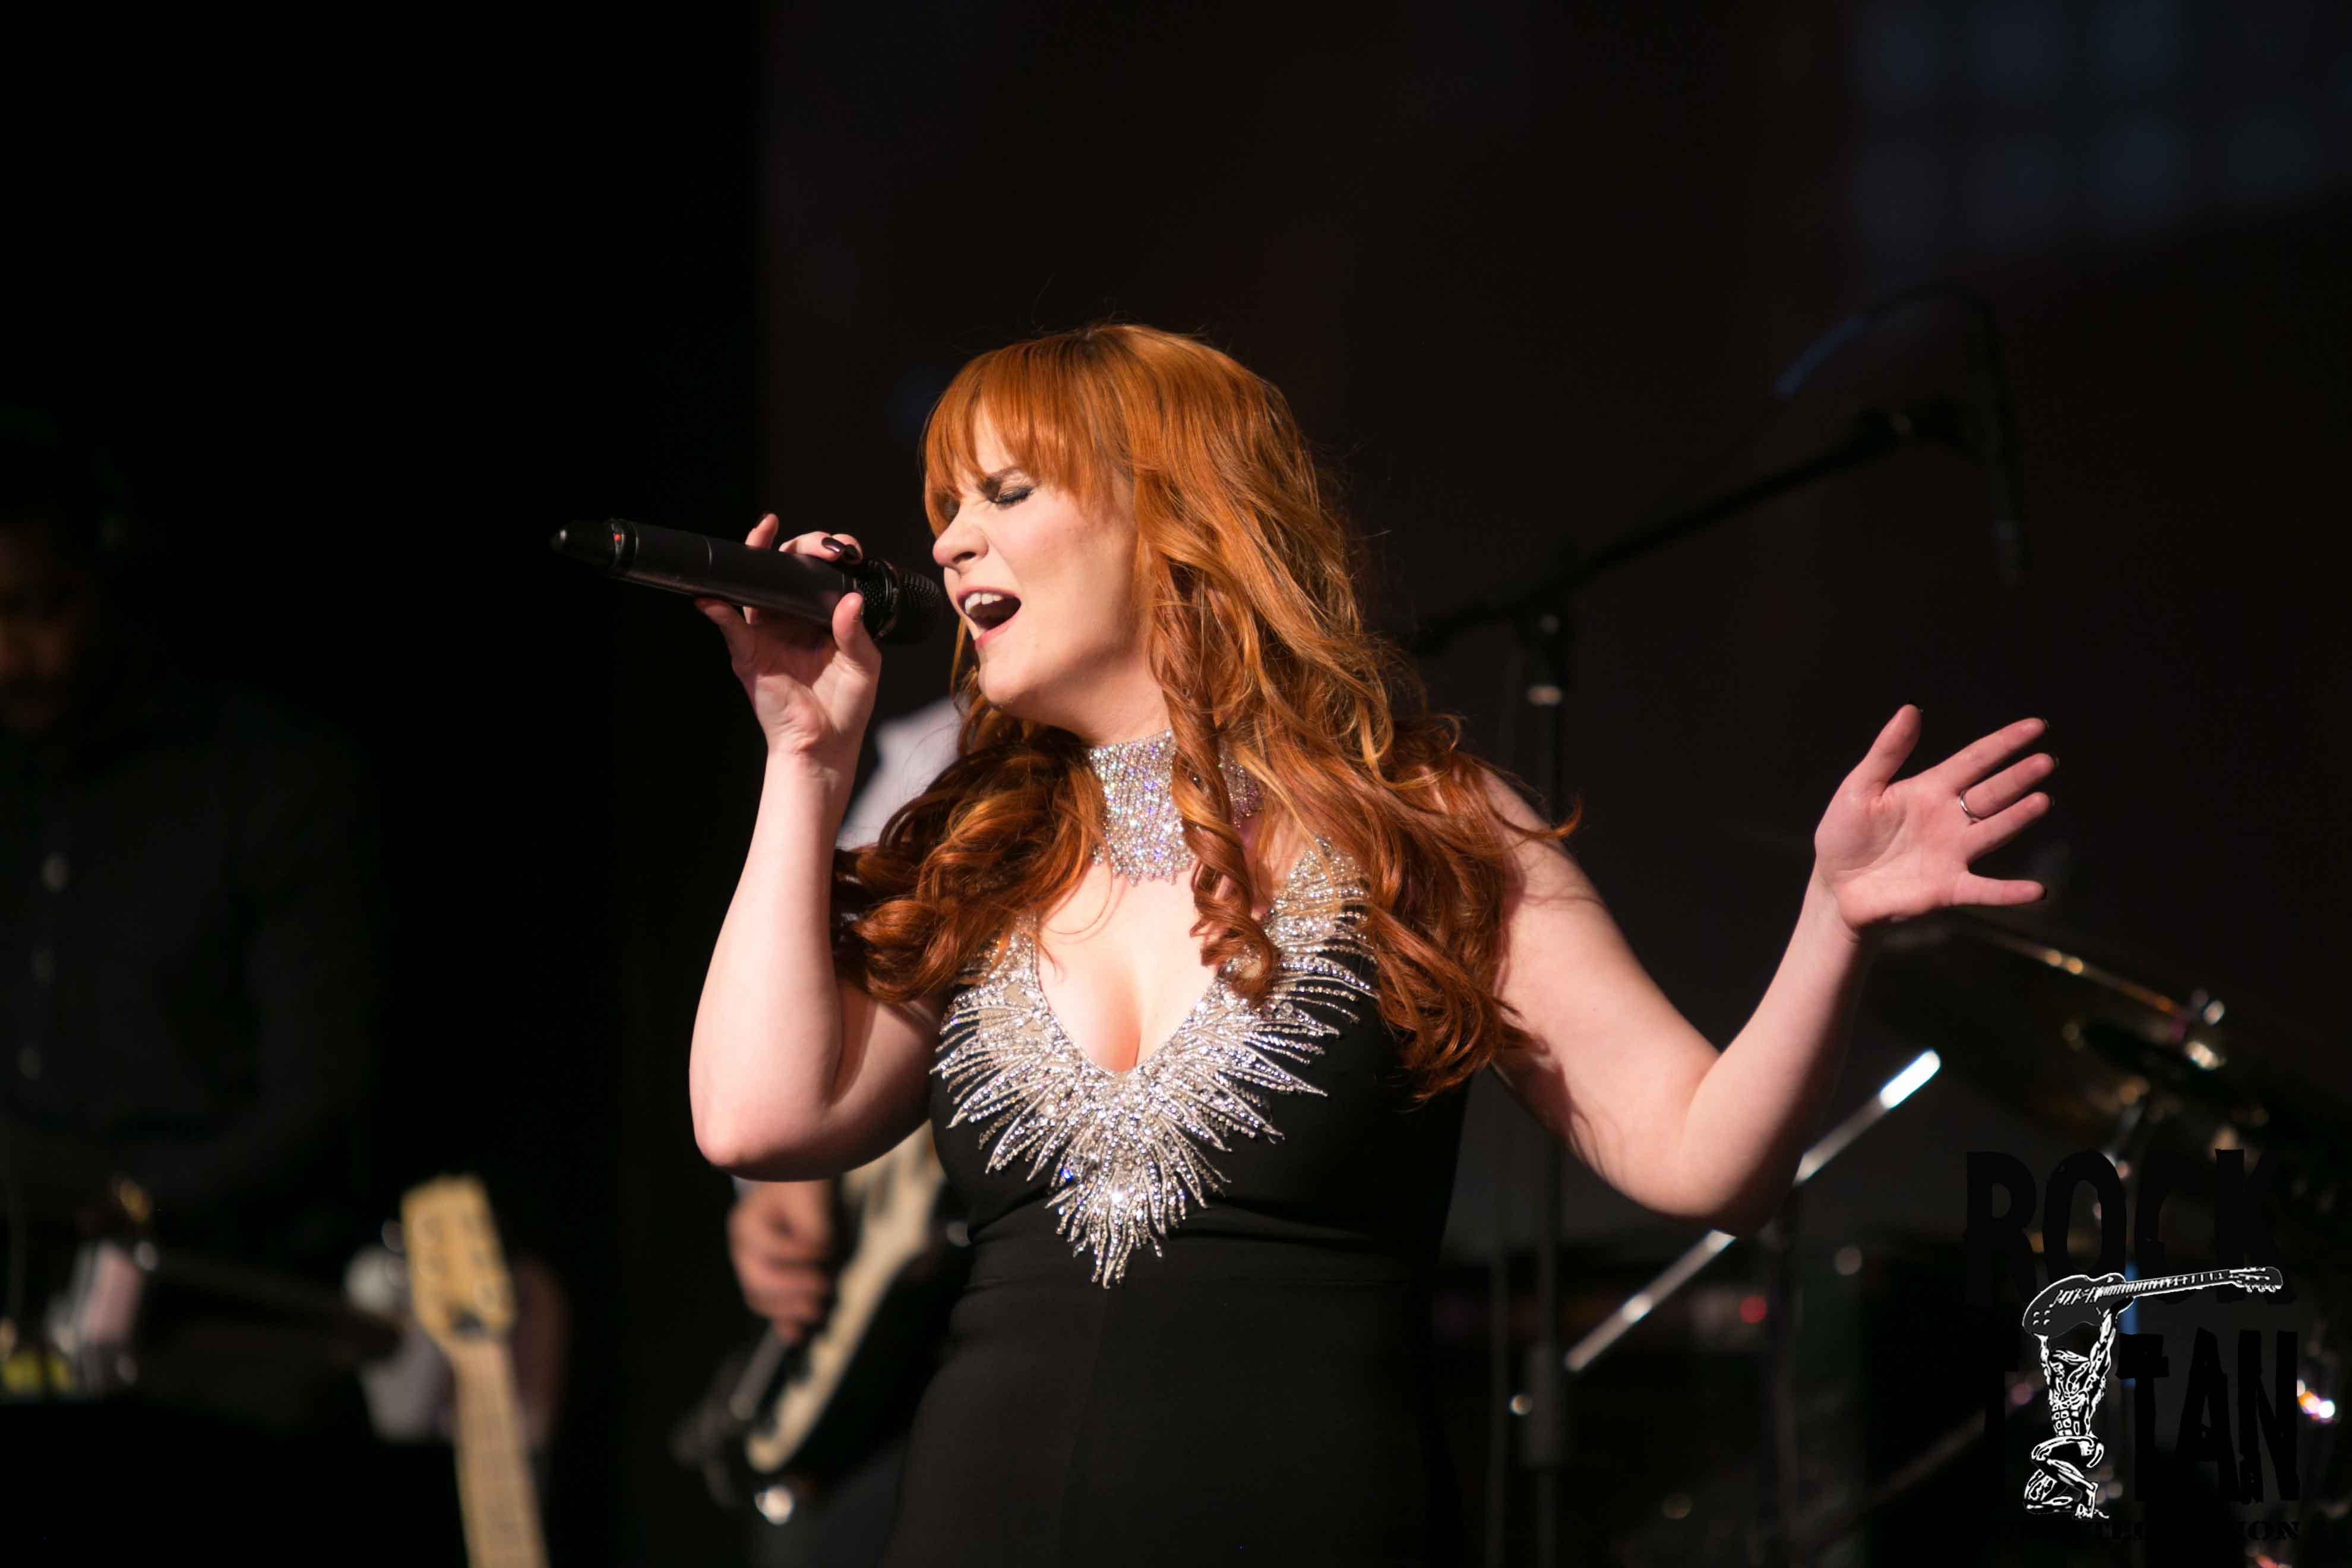 Music Artist Doreen Taylor